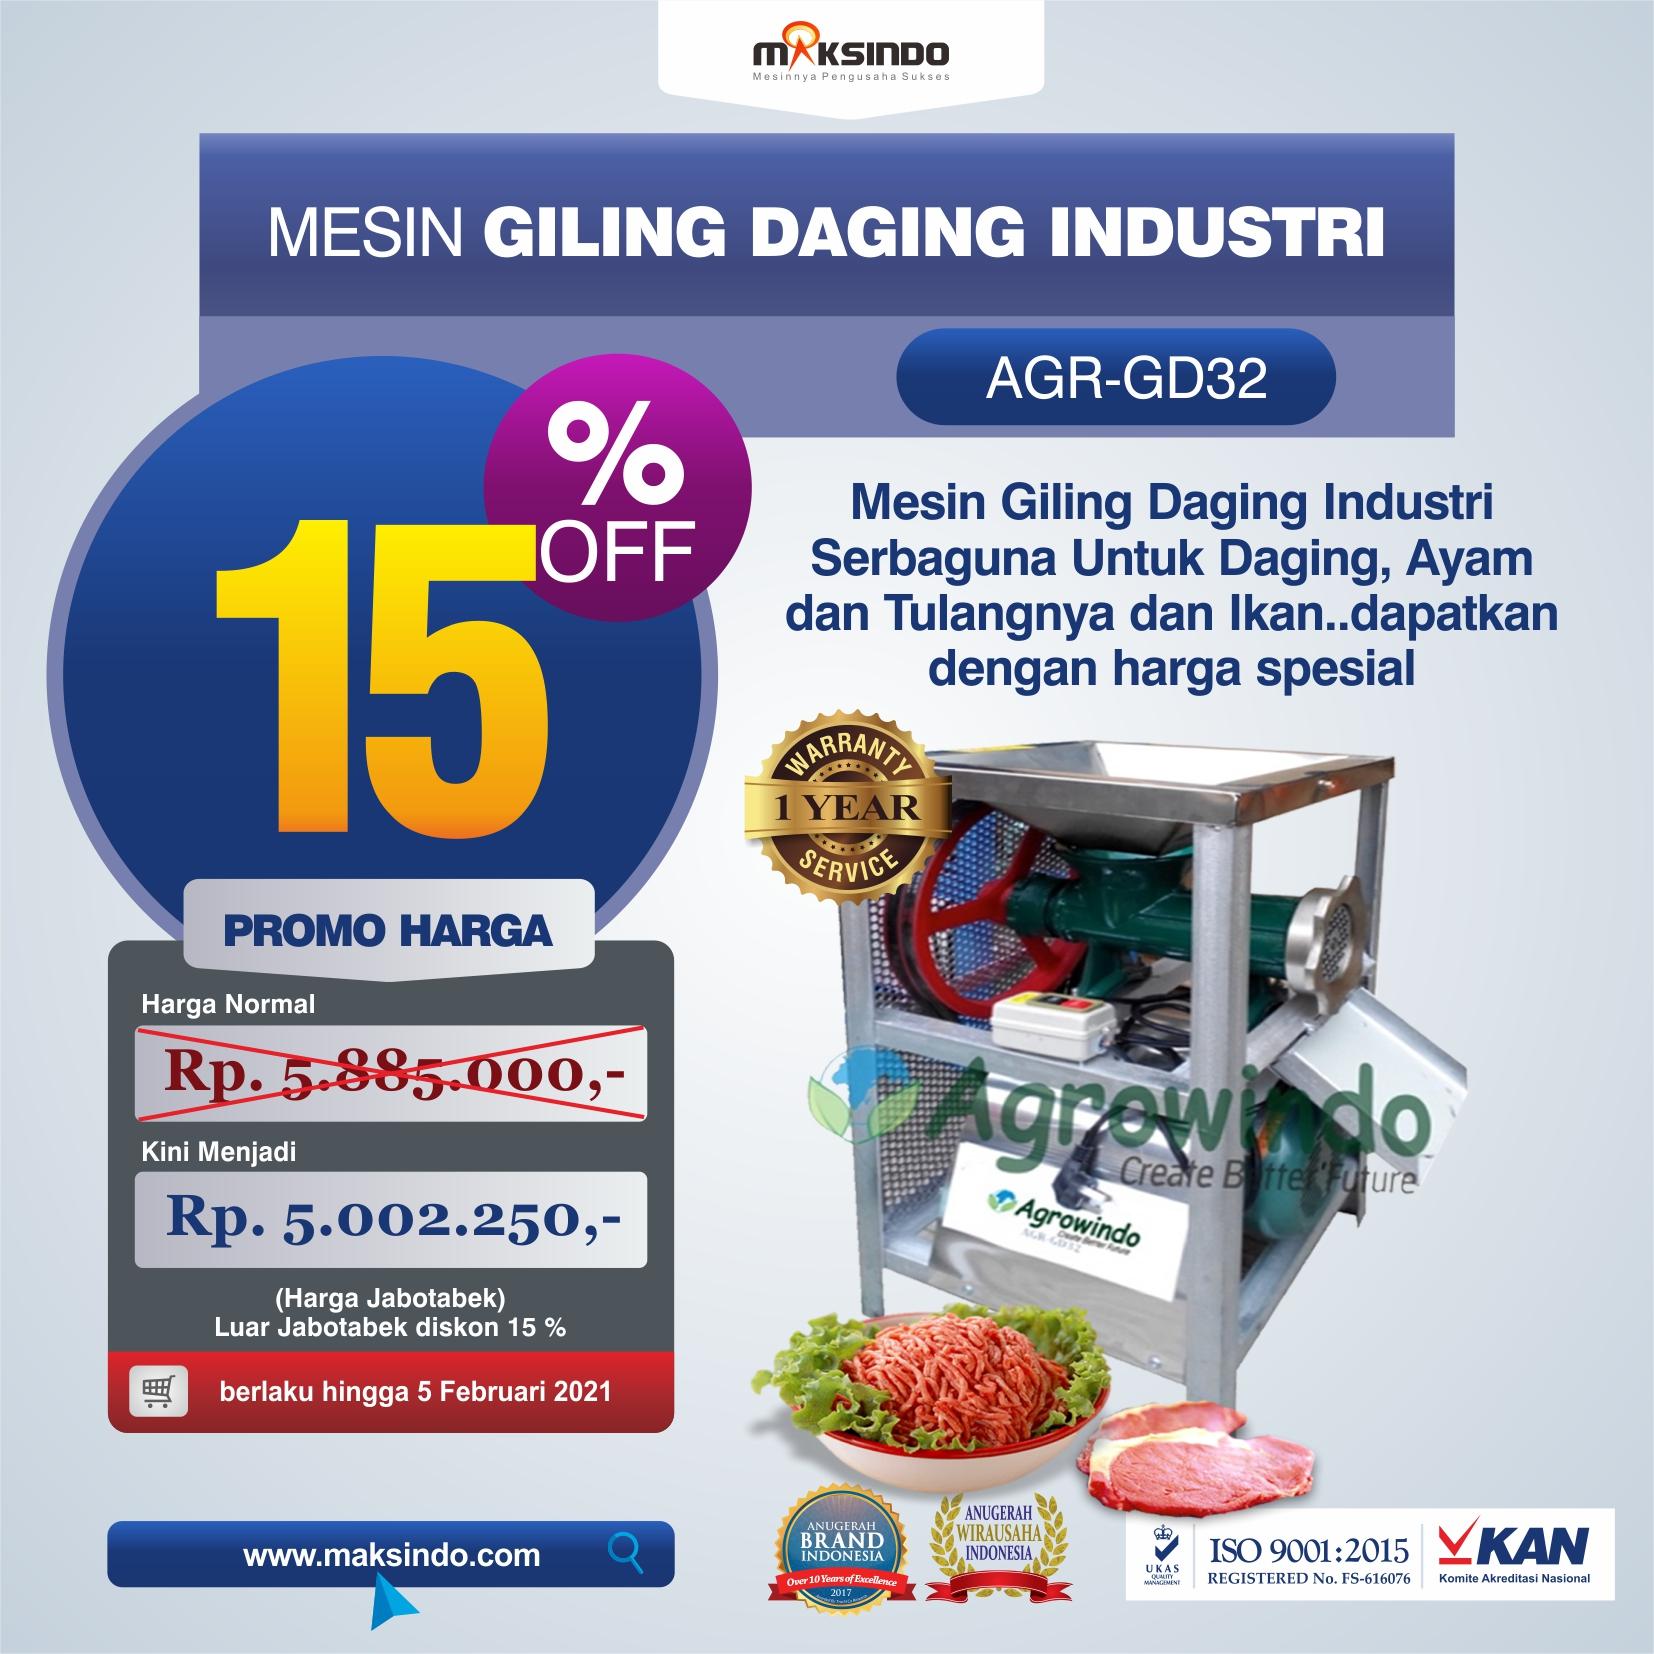 Jual Mesin Giling Daging Industri (AGR-GD32) di Makassar